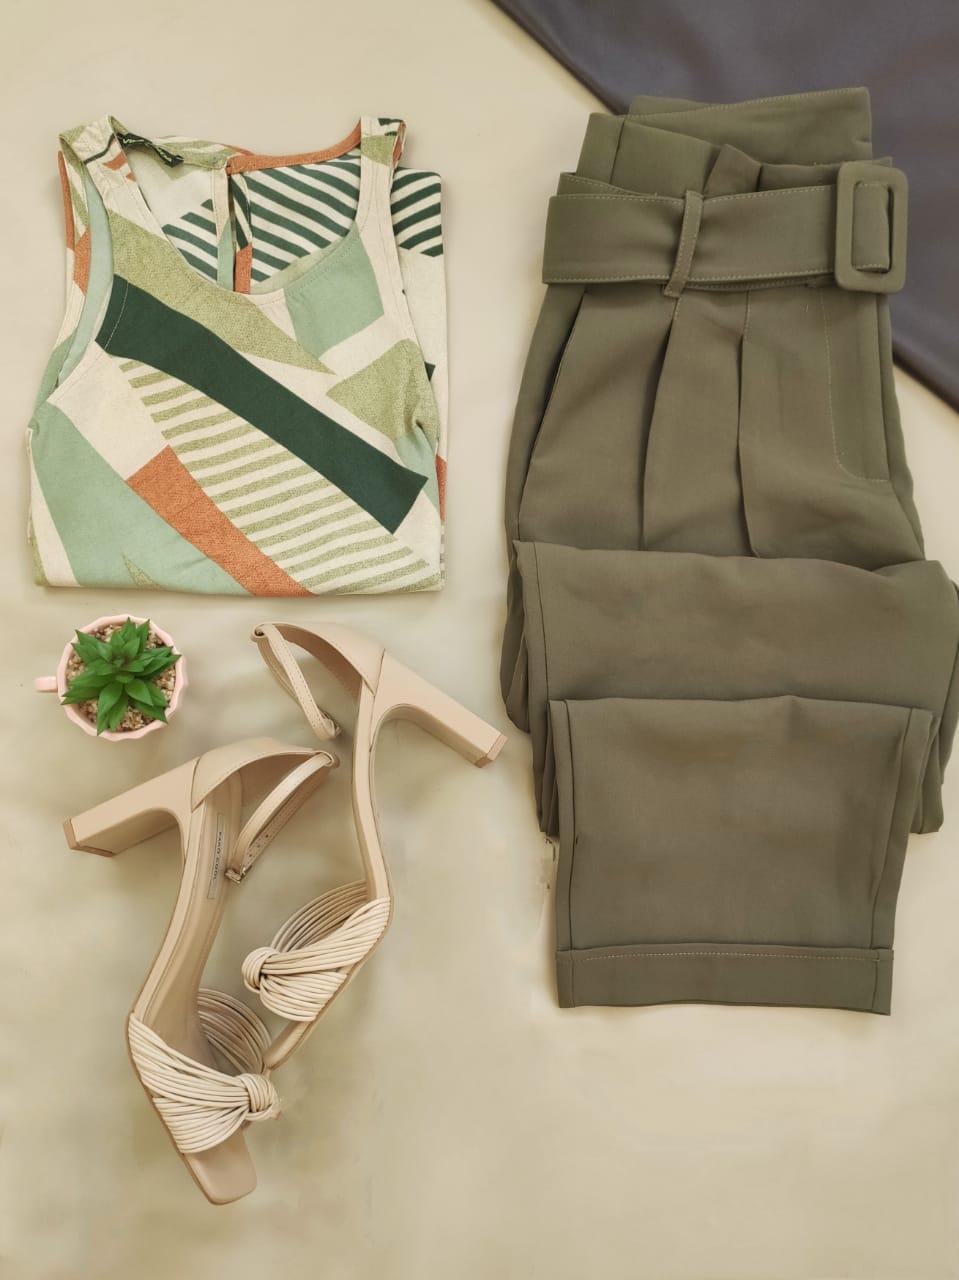 Blusa Cava Americana Estampada Verde + Calça Skinny Clochard Cinto Encapado Verde